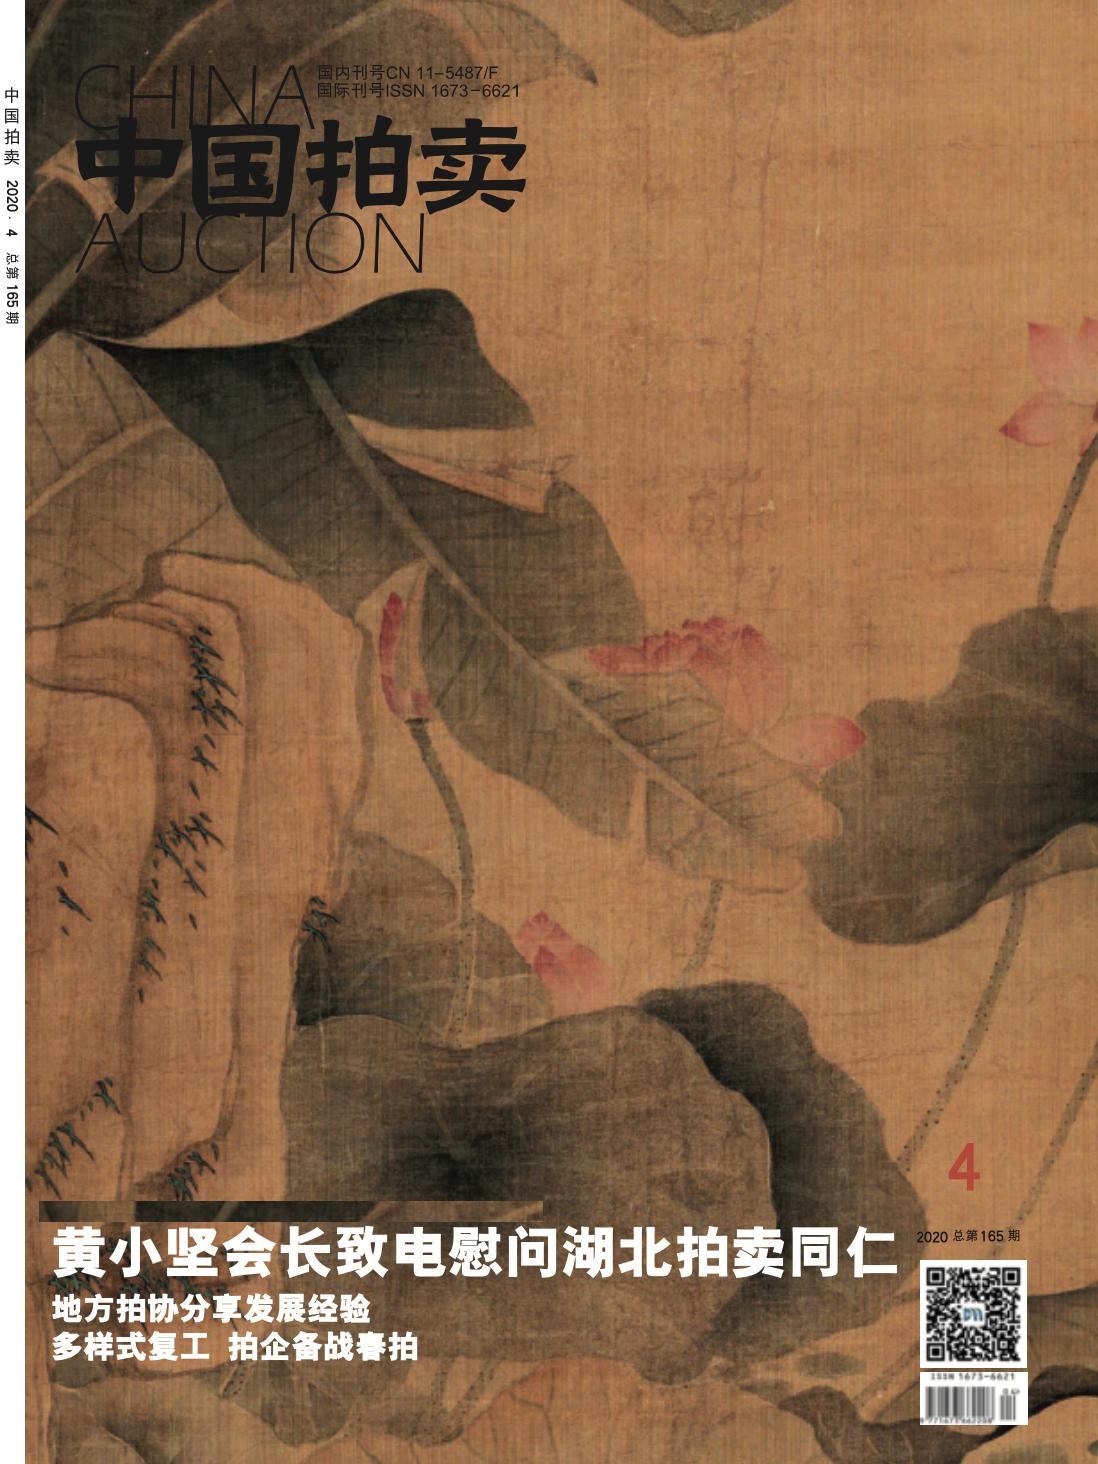 《中国拍卖》2020年4月刊目录